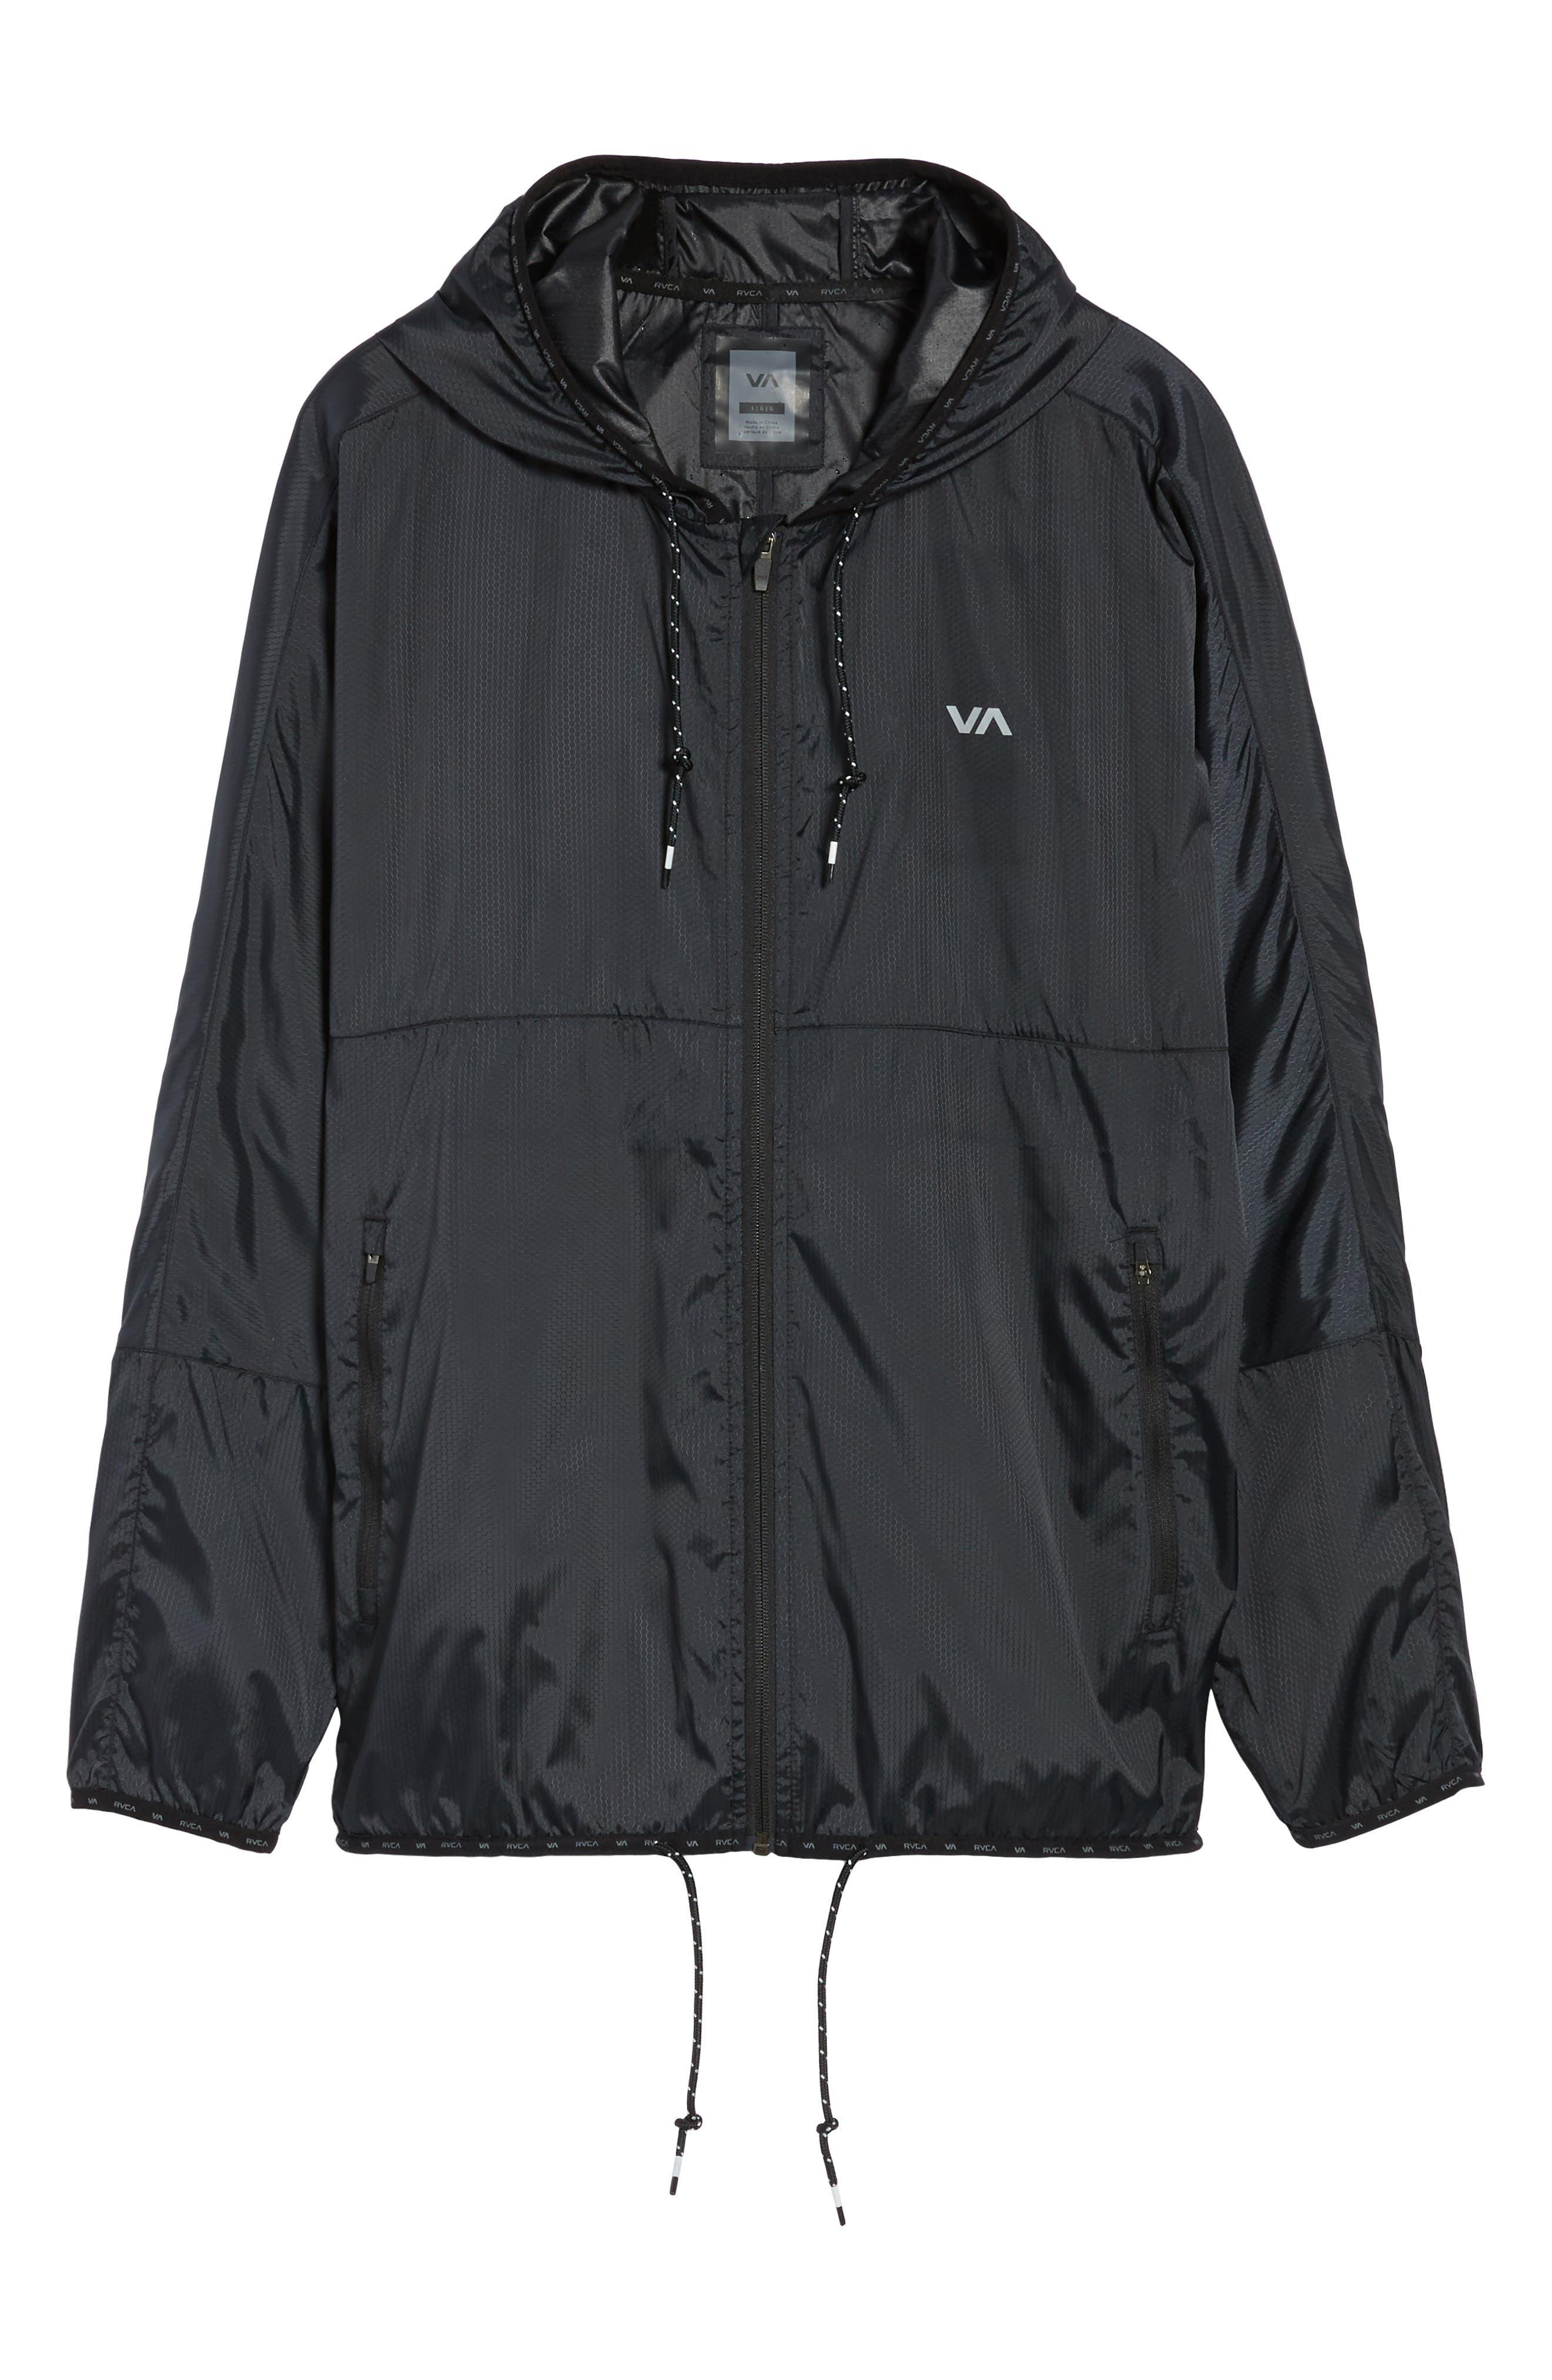 Hexstop II Water Repellent Hooded Jacket,                             Alternate thumbnail 5, color,                             001